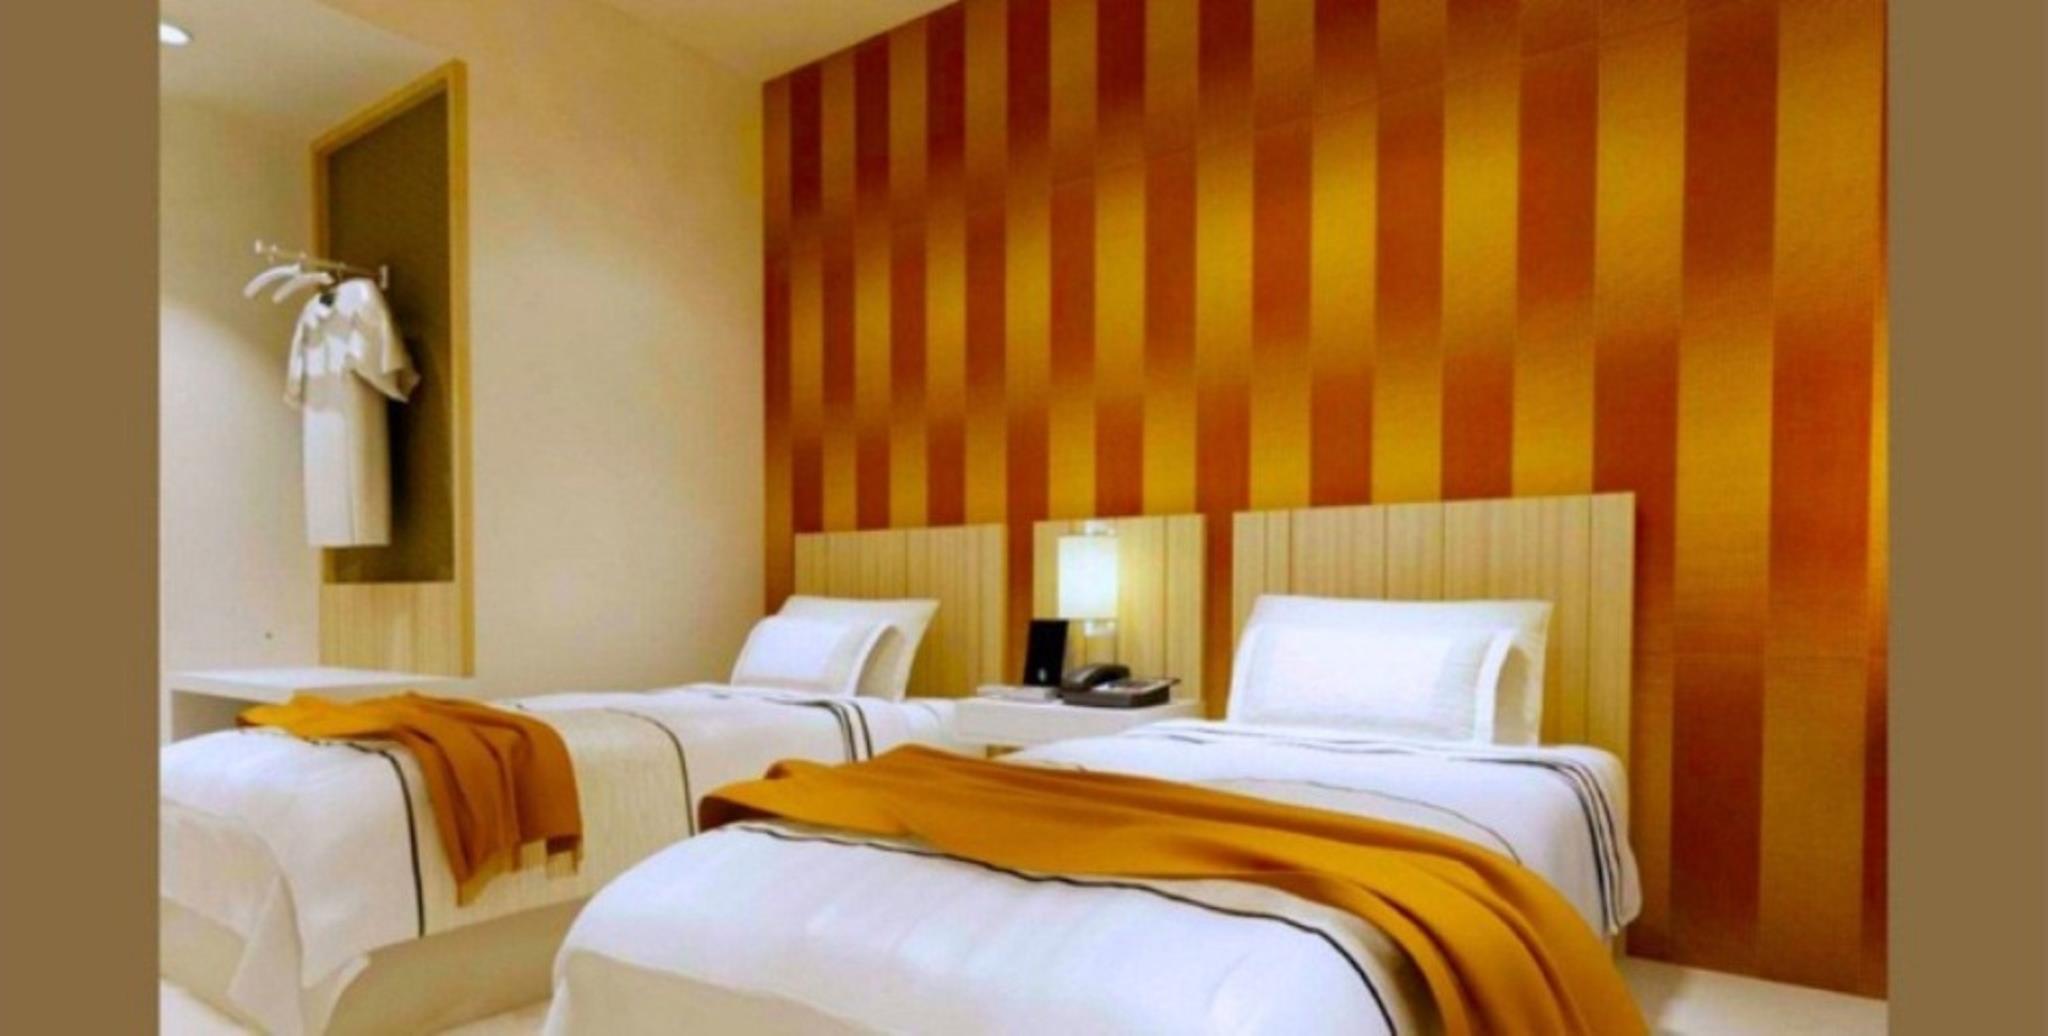 Hotel Saka Hotel Premiere by LA'RIZ - Jalan Gajah Mada - Medan